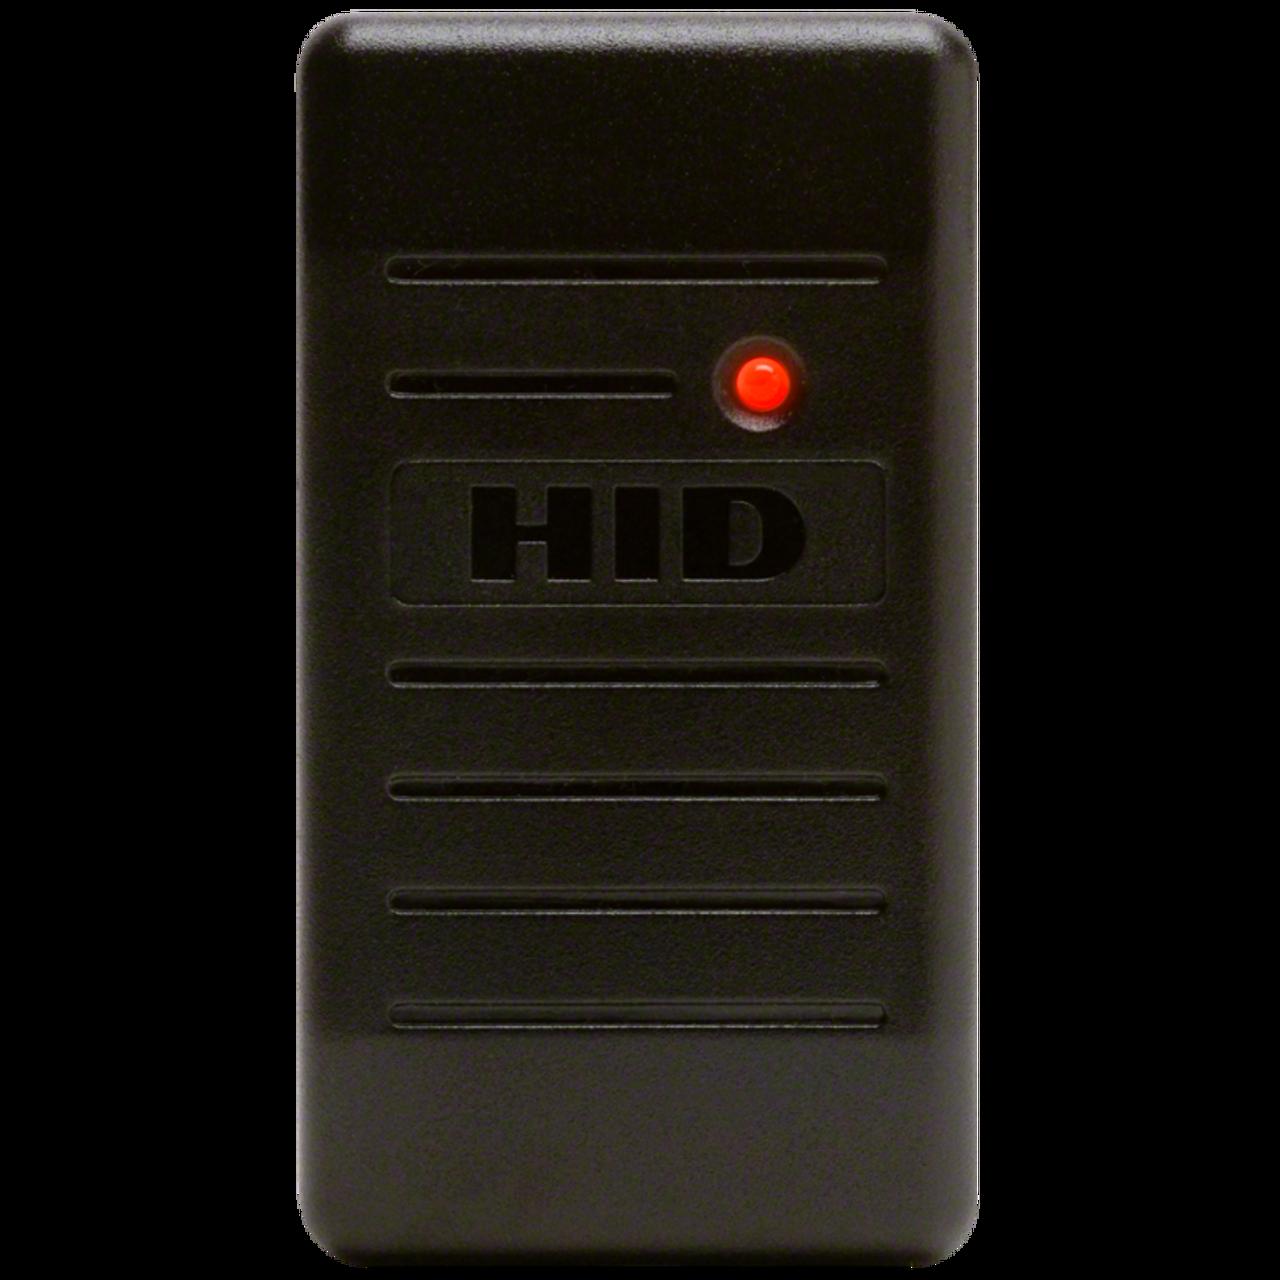 hid proxpoint plus 6008 b2b07 125 khz mini mullion